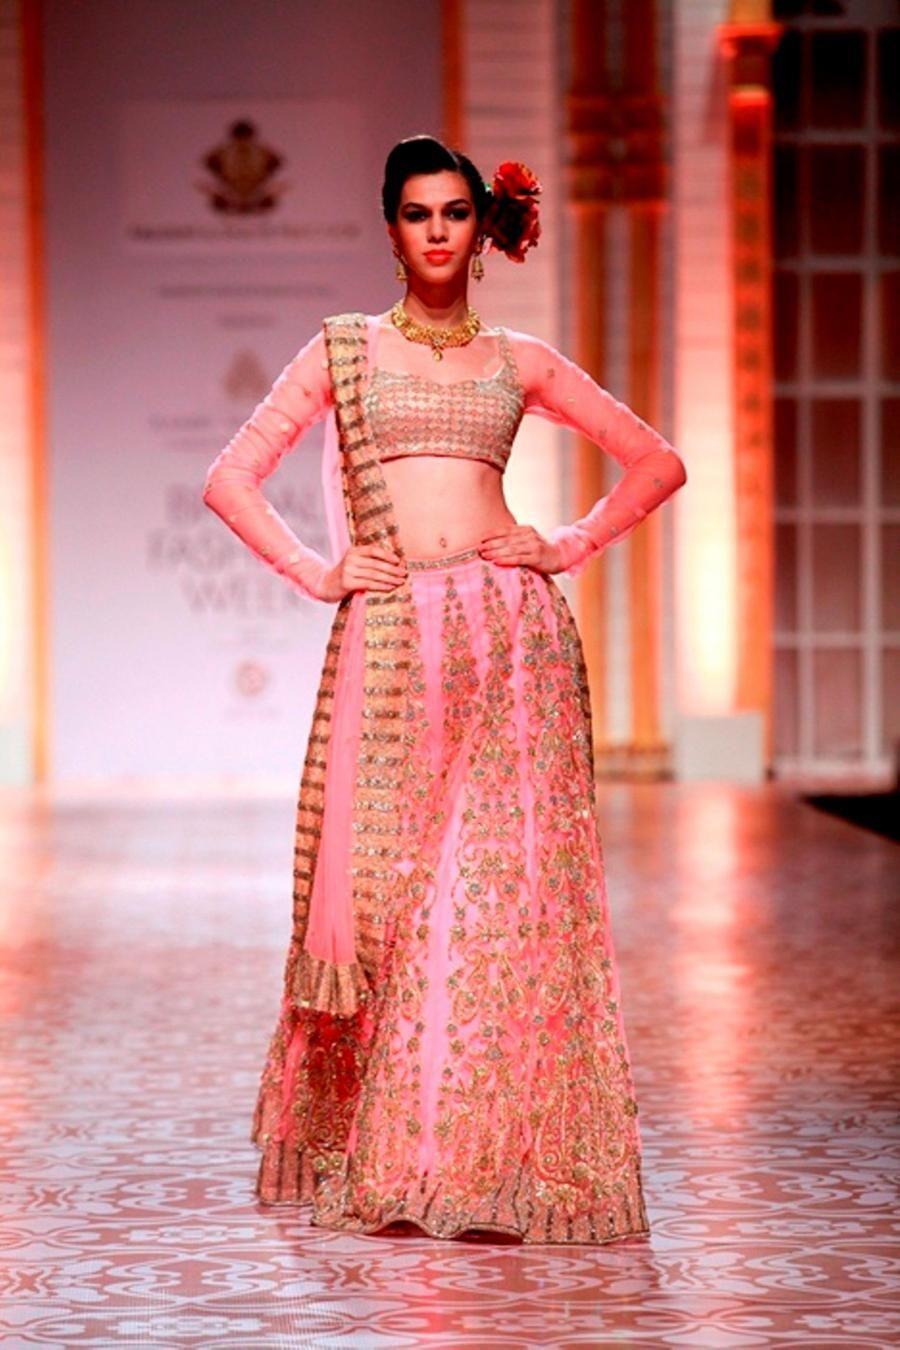 Mumbai Evelyn Sharma at Aamby Valley India Bridal -178282.jpg (900 ...